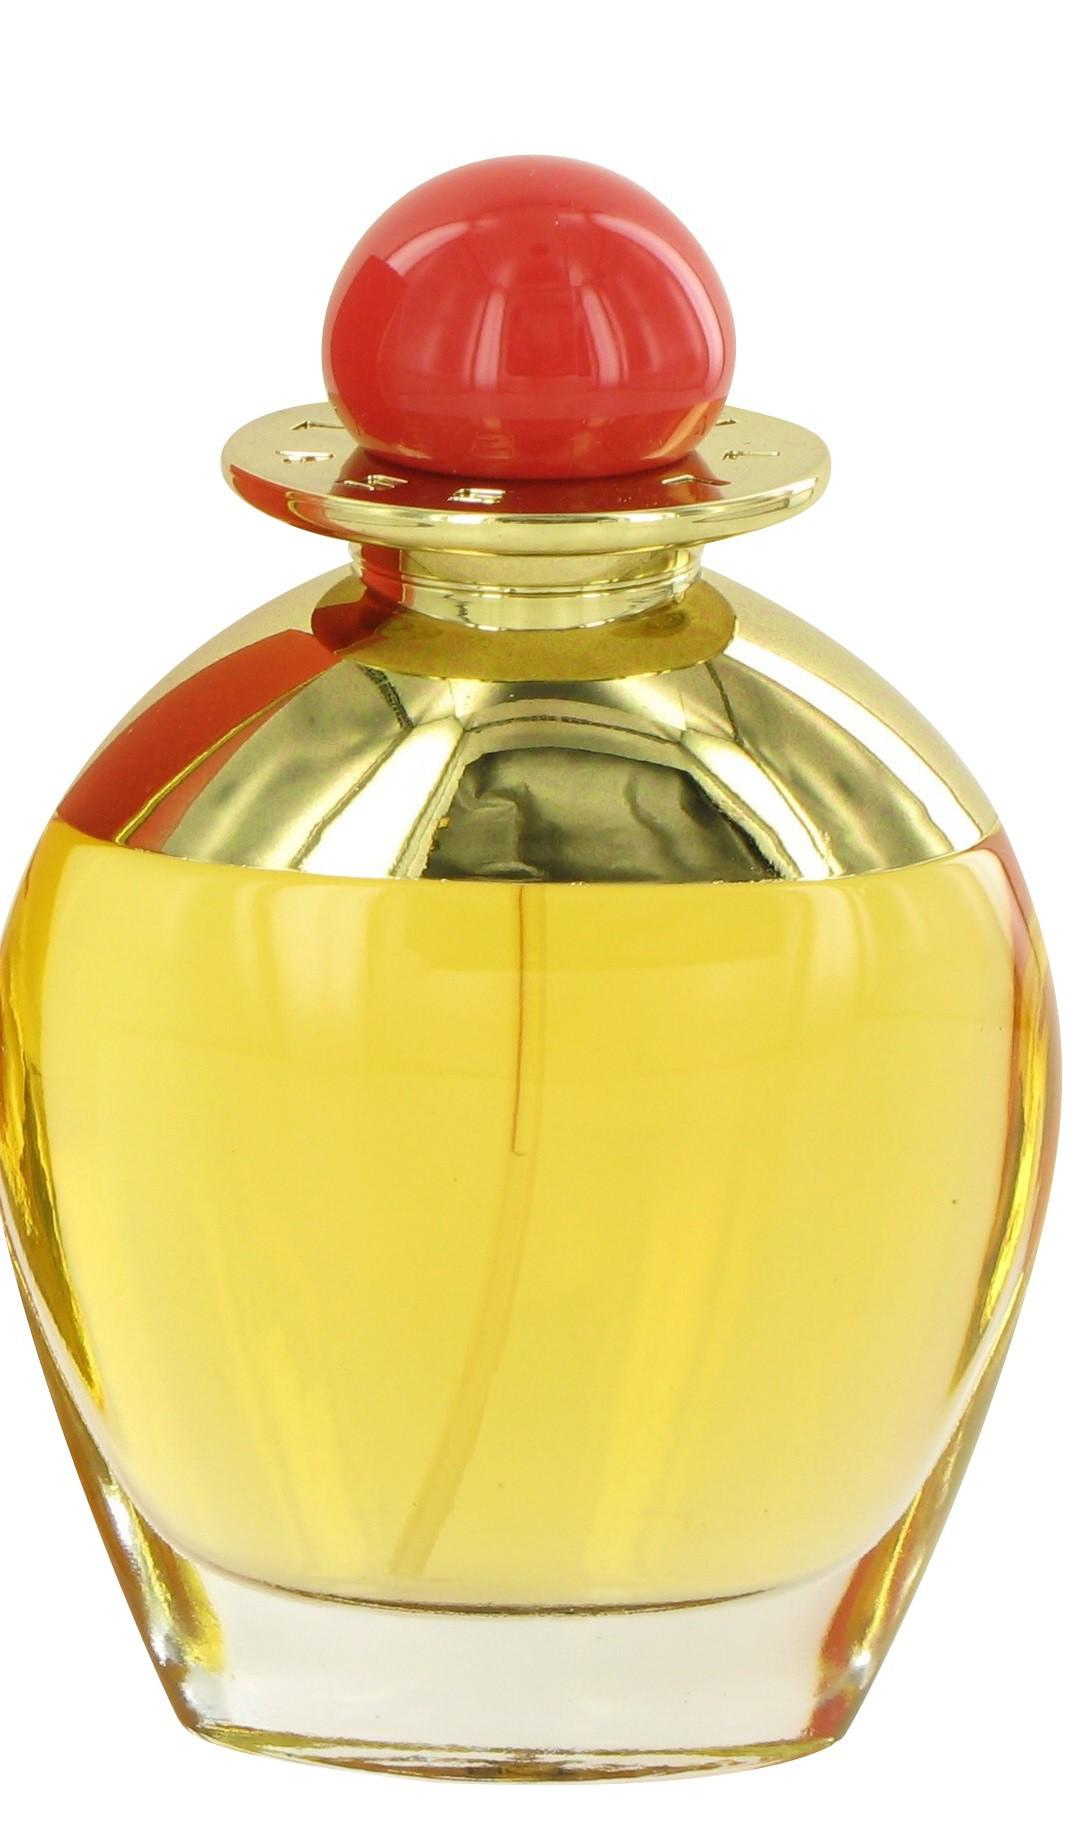 Bill Blass Hot аромат для женщин